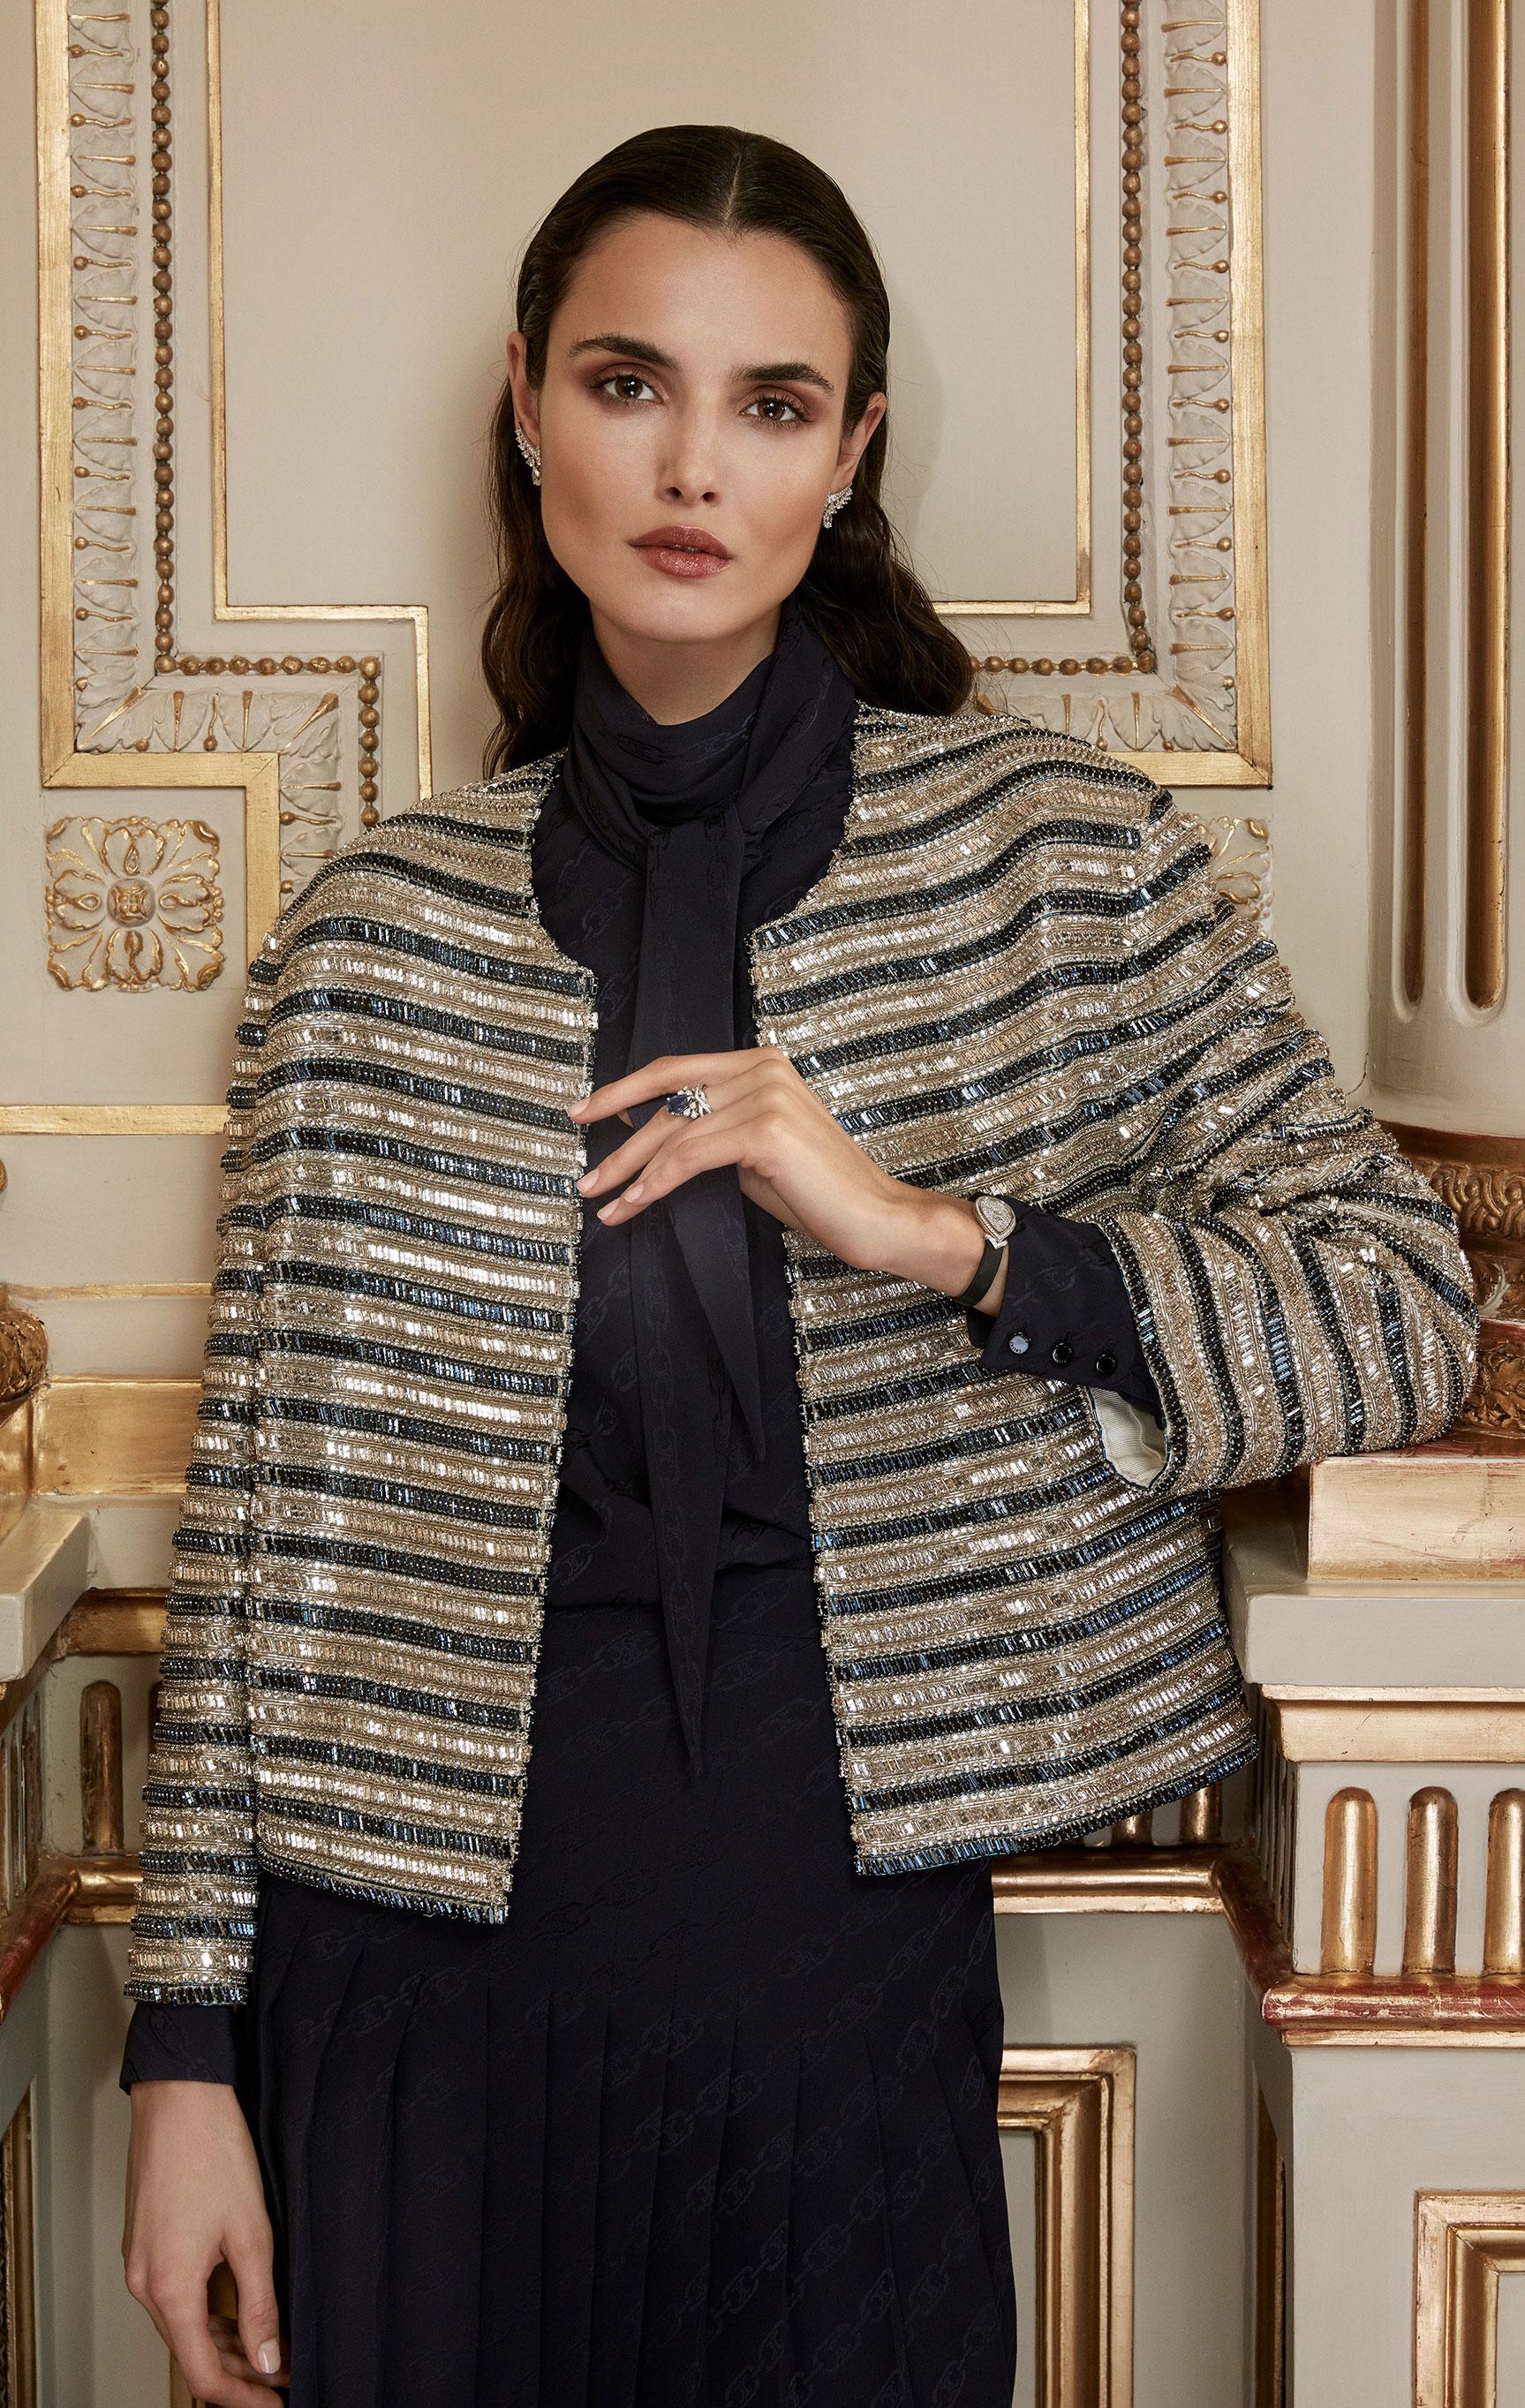 классические парижские ювелирные изделия Chaumet на красивой девушке / фото 15